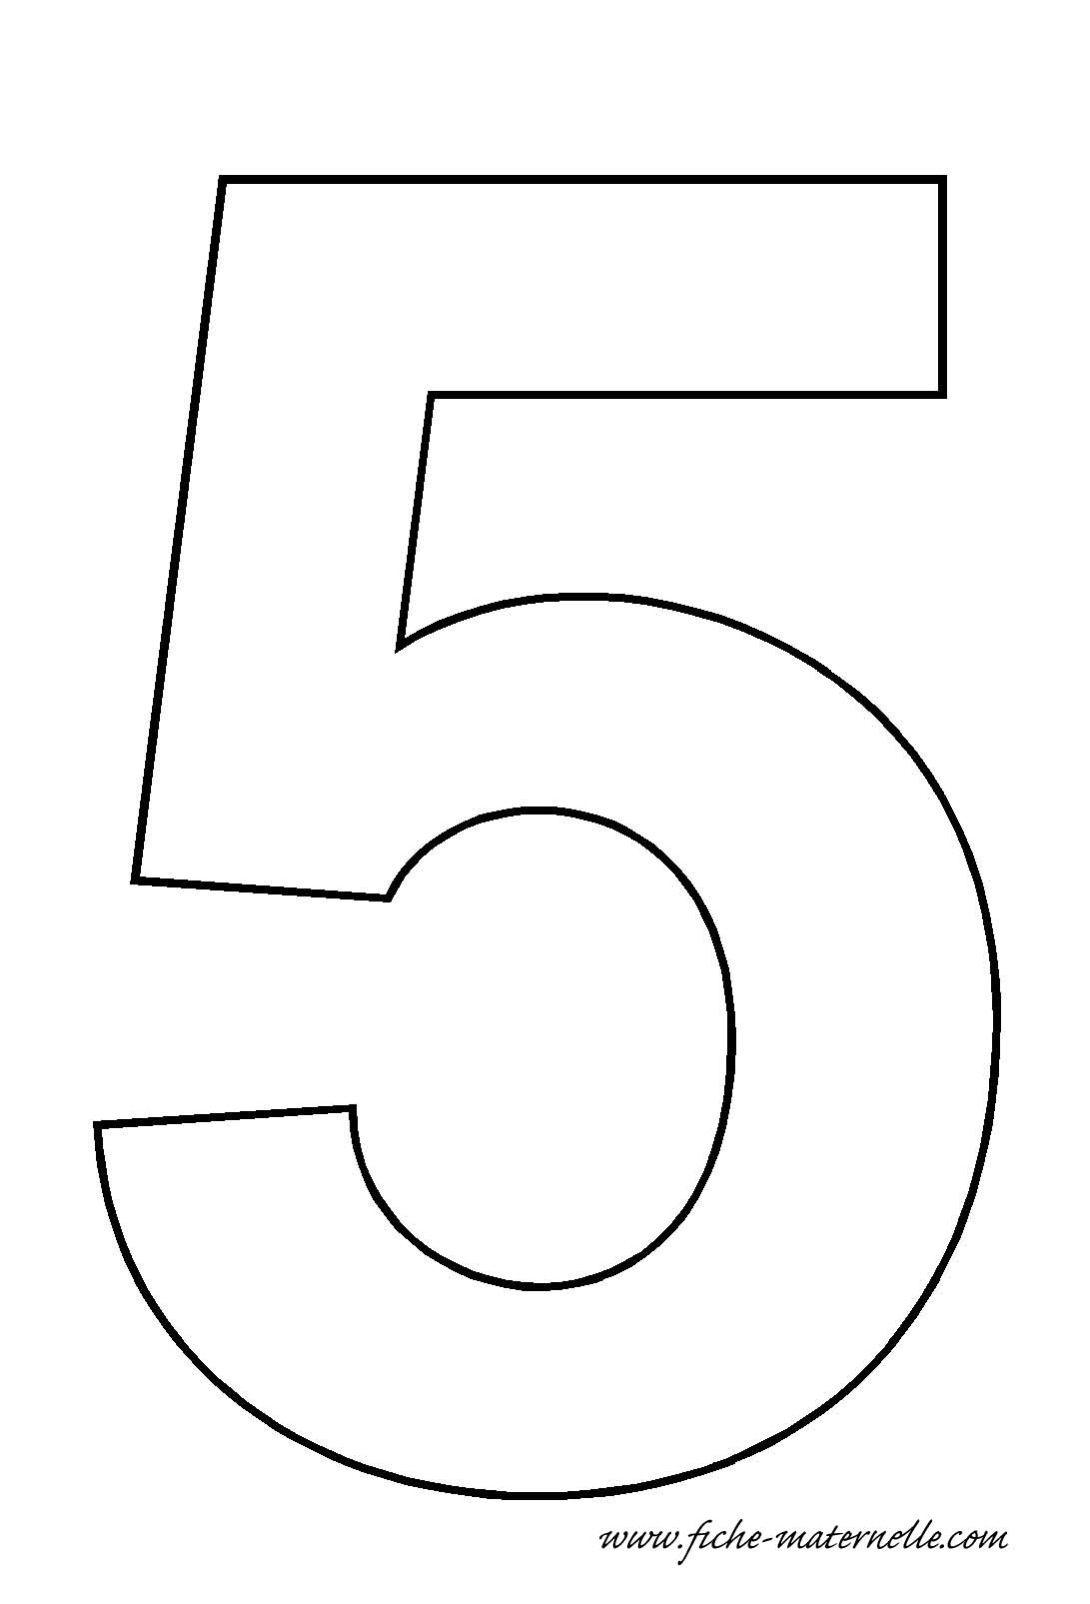 Pin von Amy Skomski auf Week 2 | Pinterest | Zahlen, Vorschule und ...